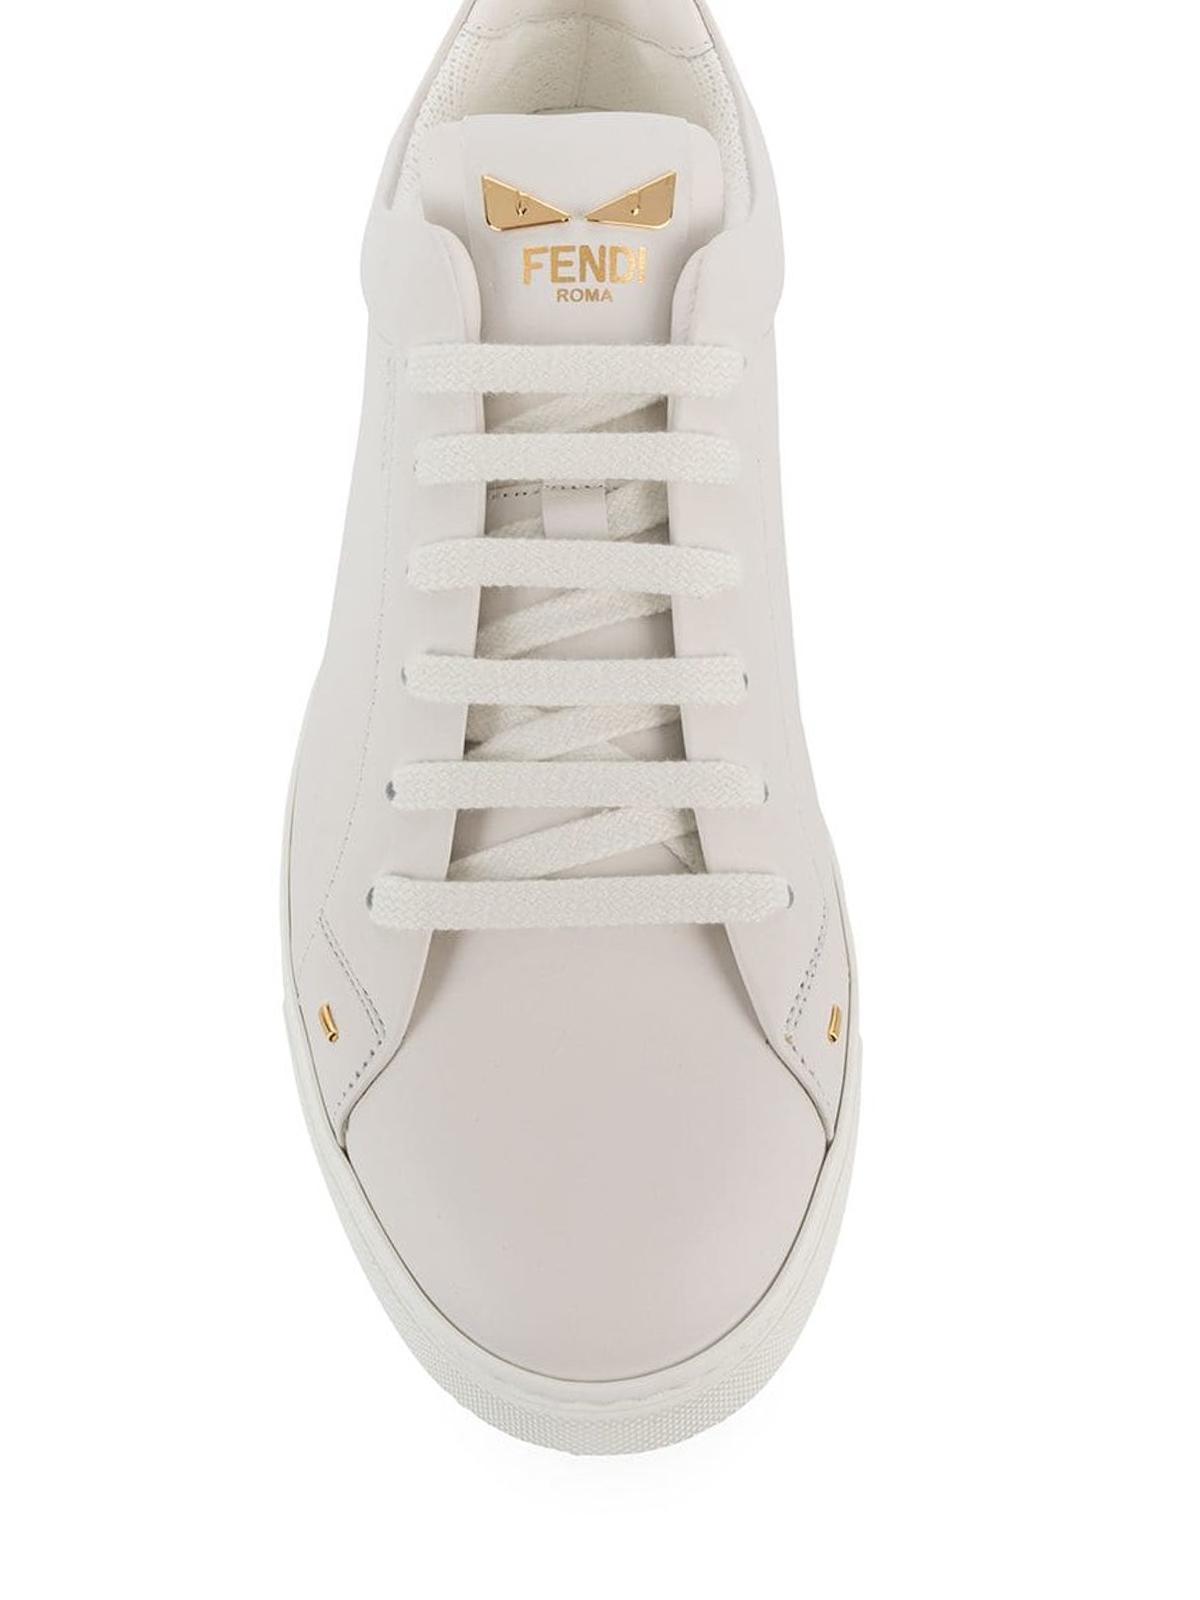 Fendi - Bag Bugs eyes leather sneakers